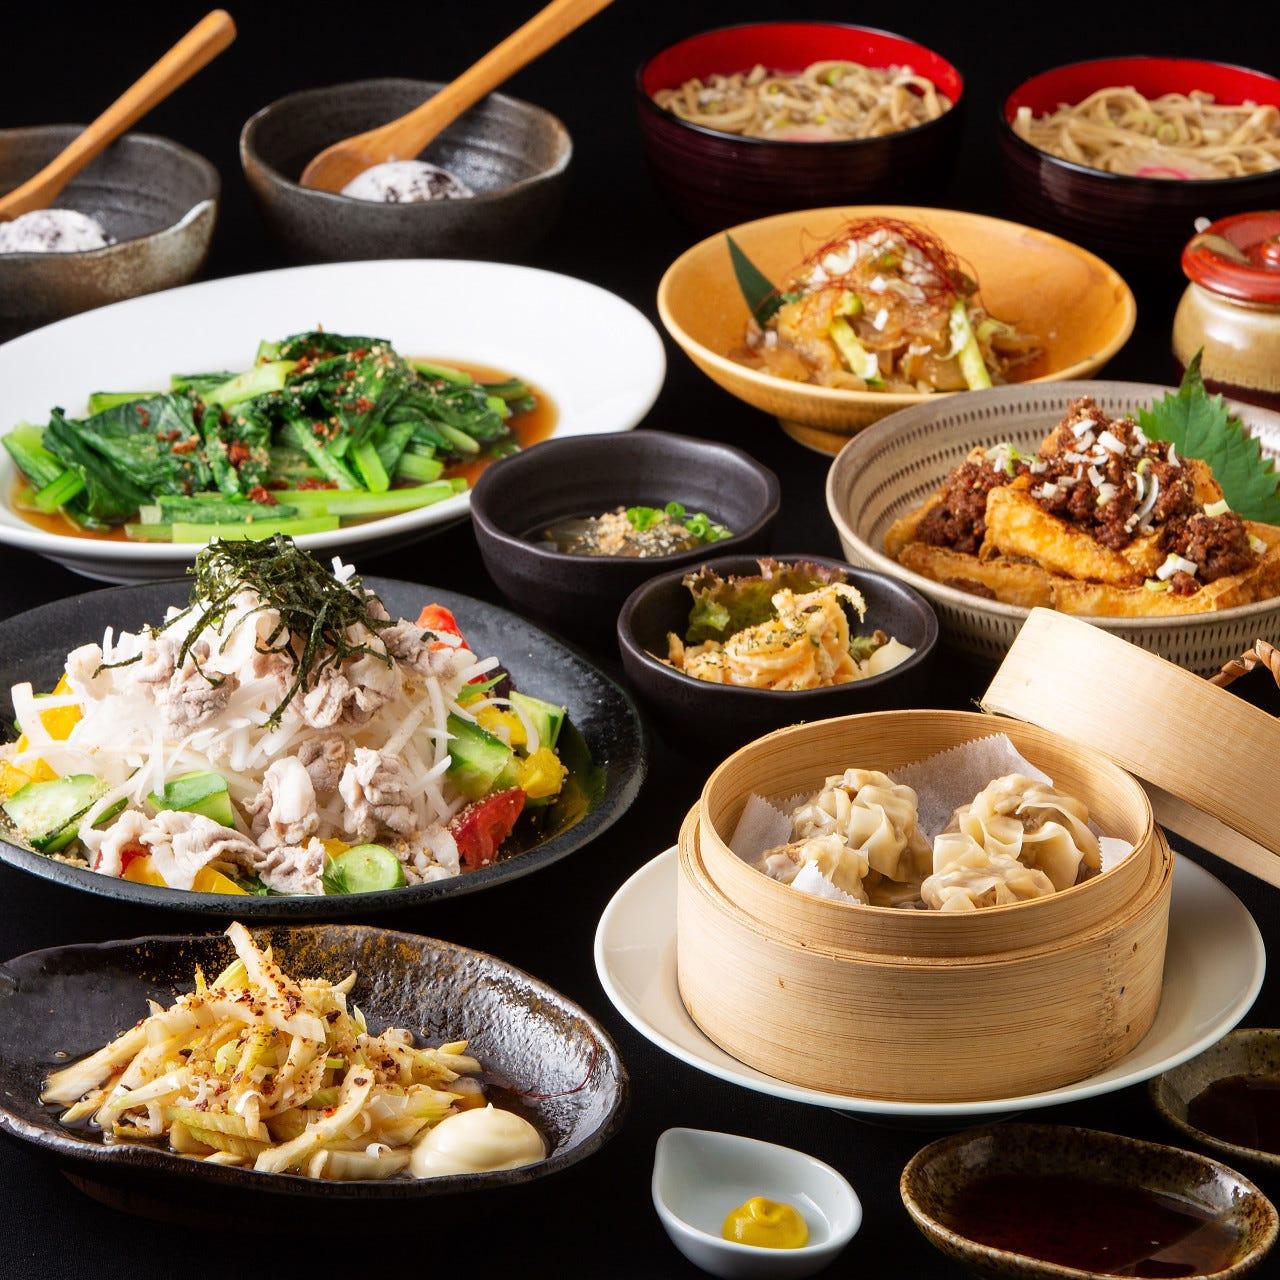 台湾料理を堪能できる宴会コース